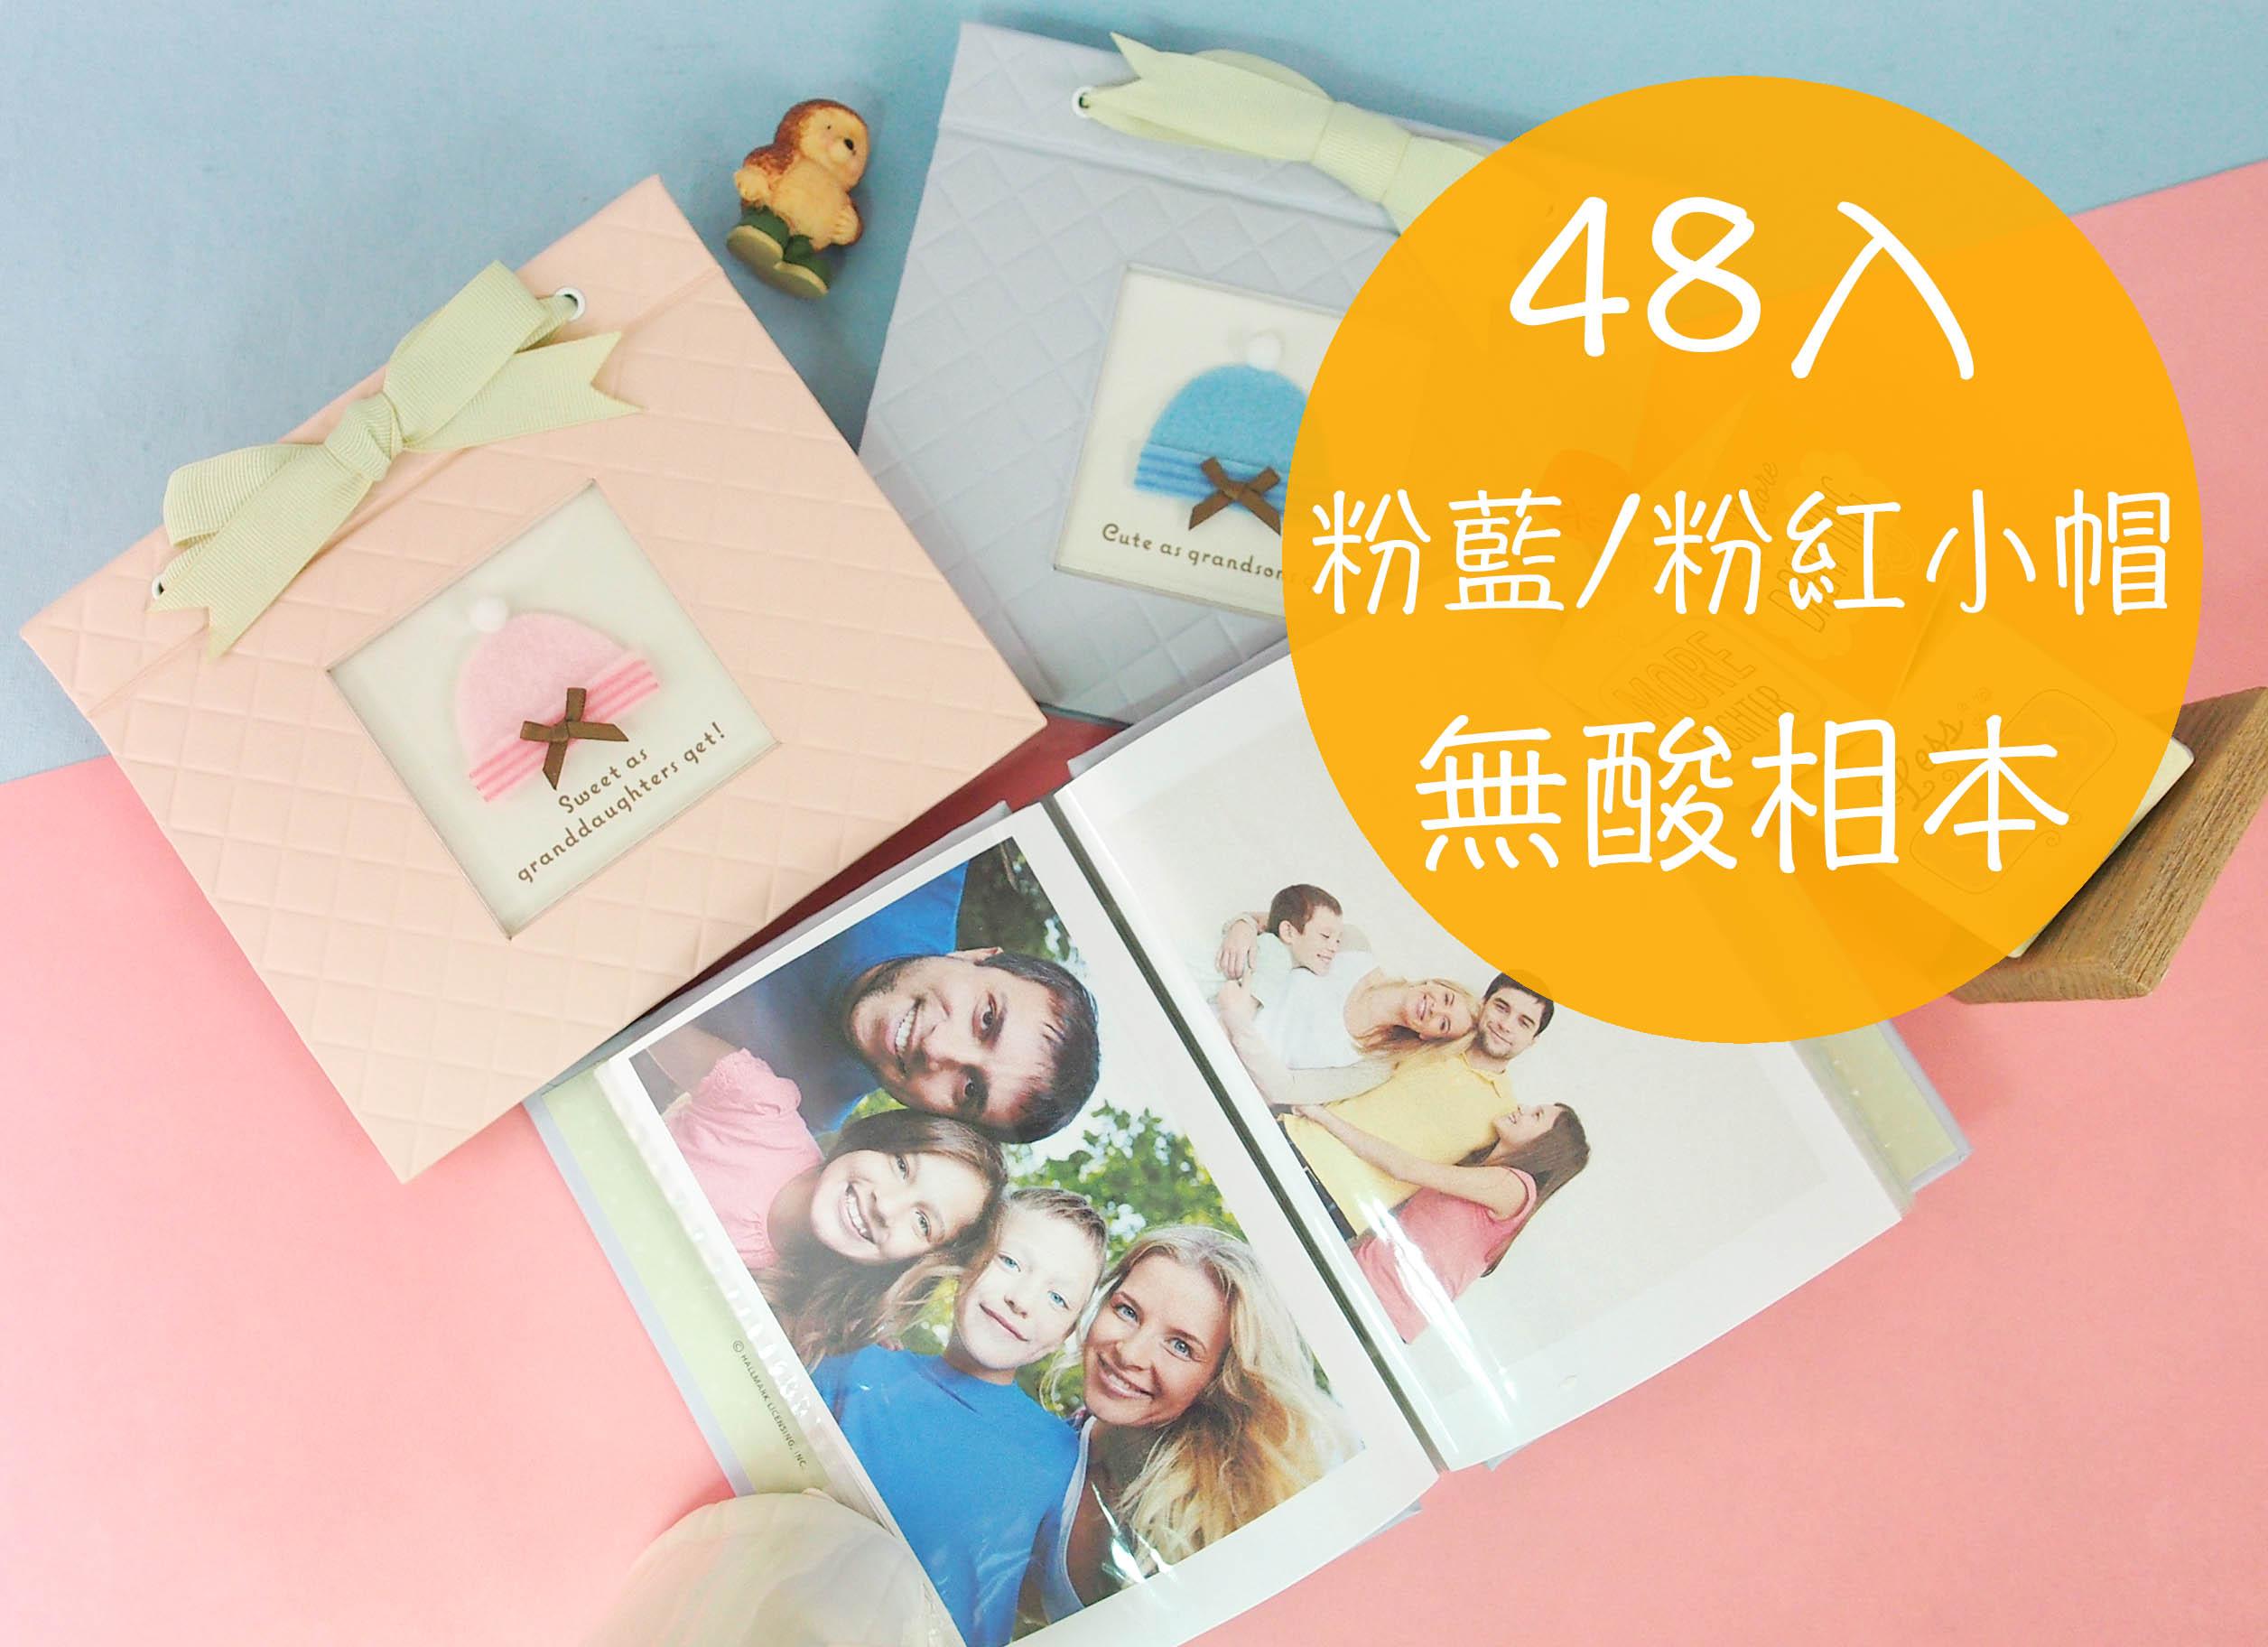 剪刀石頭紙 48入無酸相本S 粉藍/粉紅 小帽